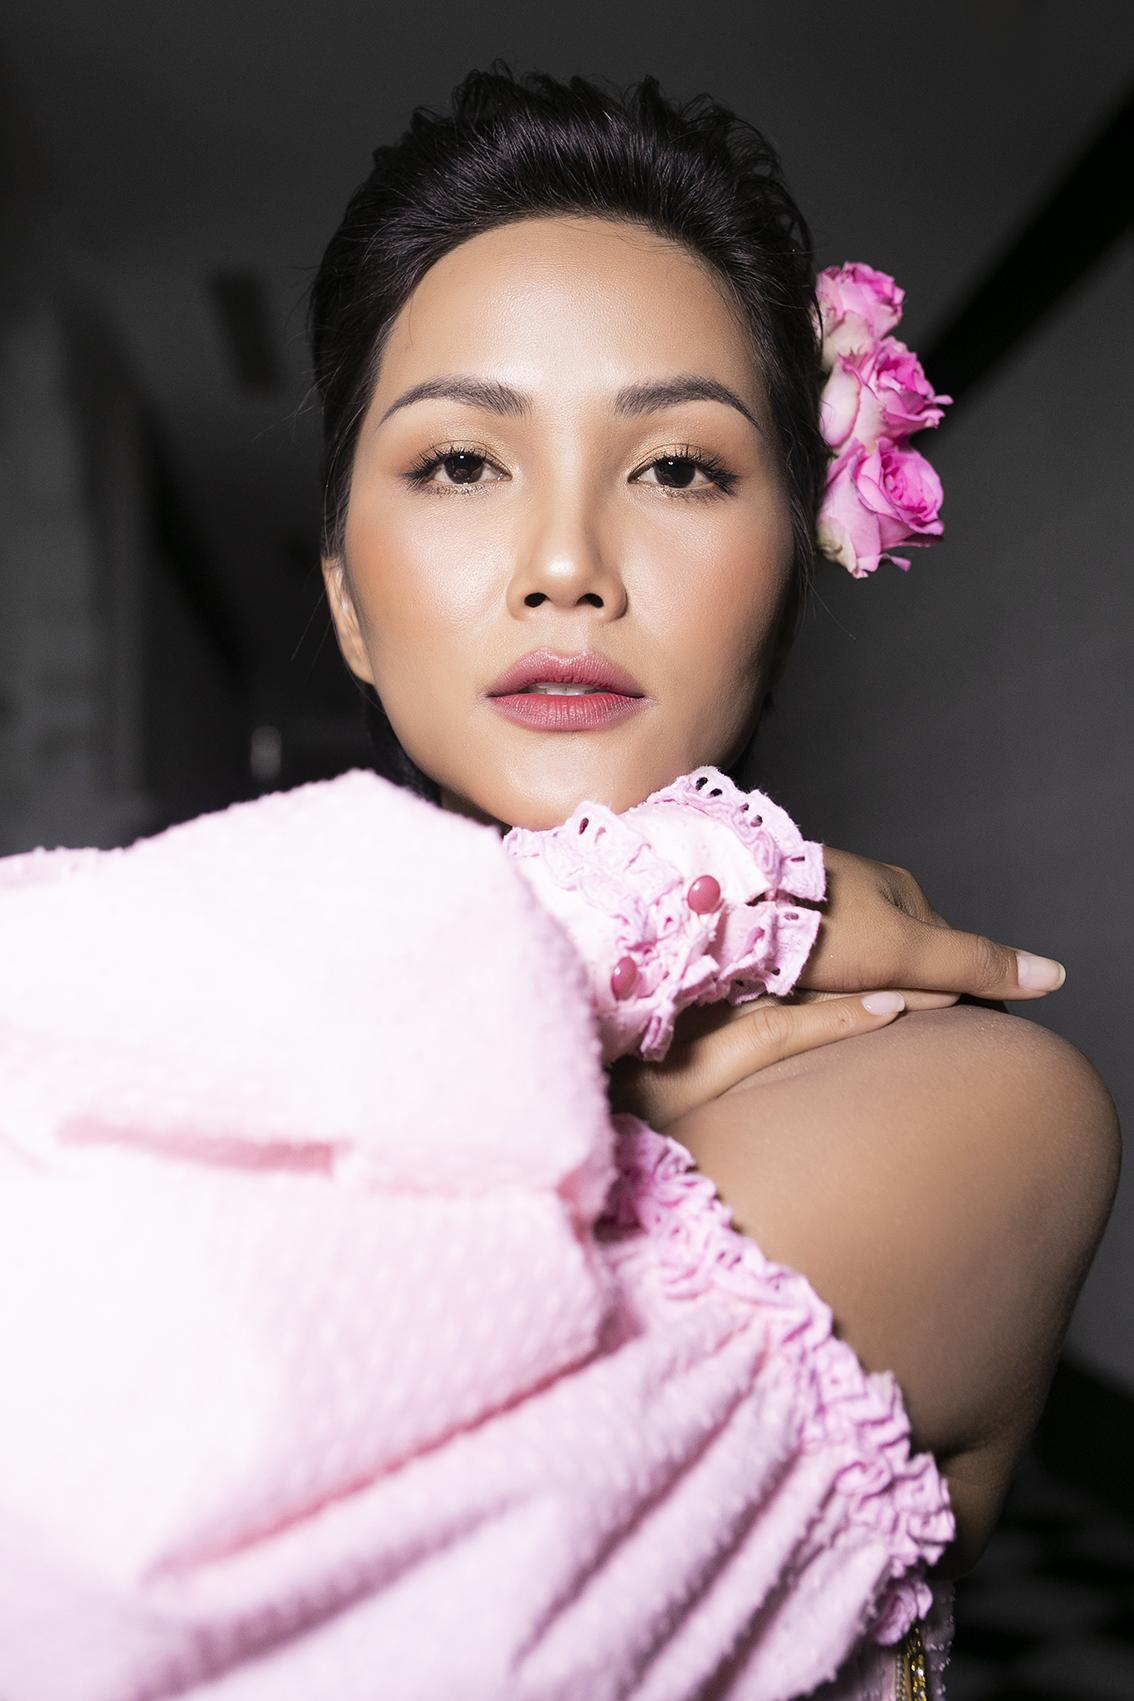 Hoa hậu HHen Niê và Á hậu Lệ Hằng nắm tay nhau làm vedette cho show diễn chủ đề Pink Summer